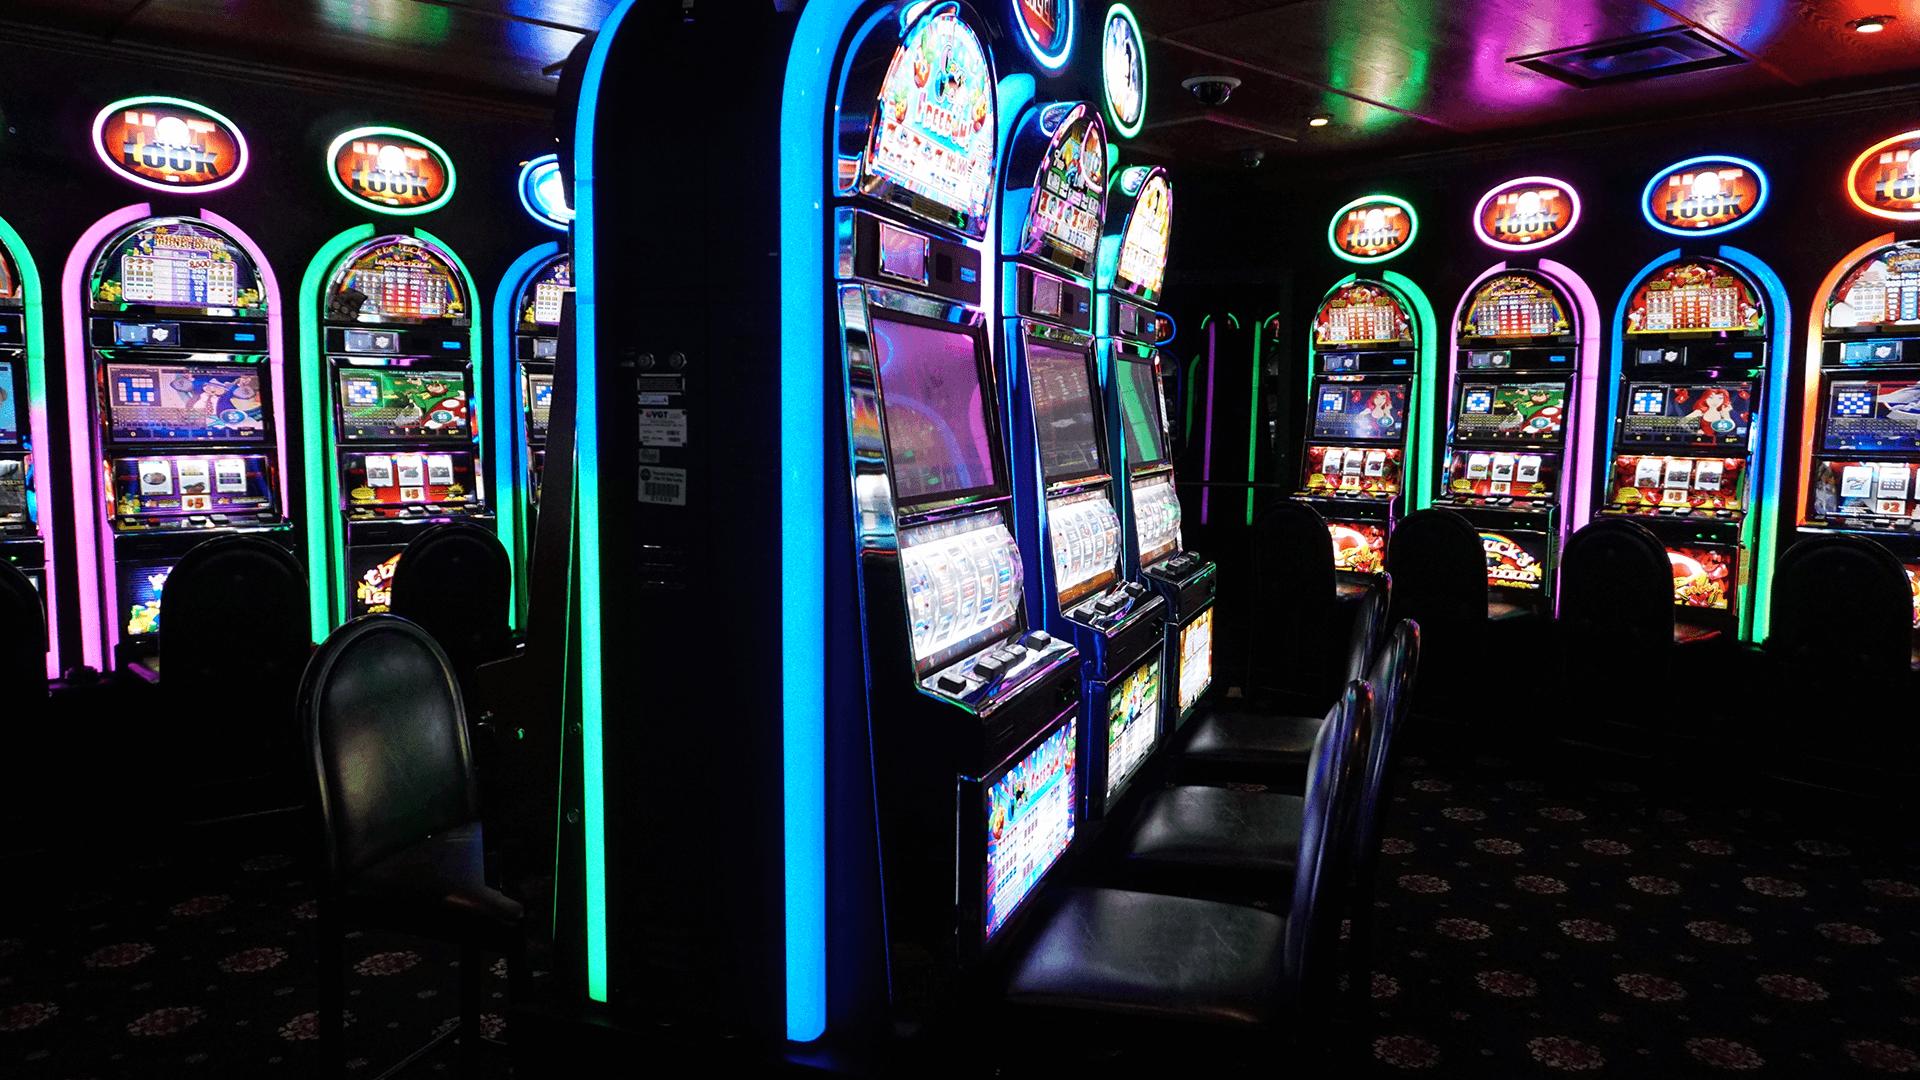 Игровые автоматы казино адмирал играть бесплатно ограбление казино 2012 дата выхода